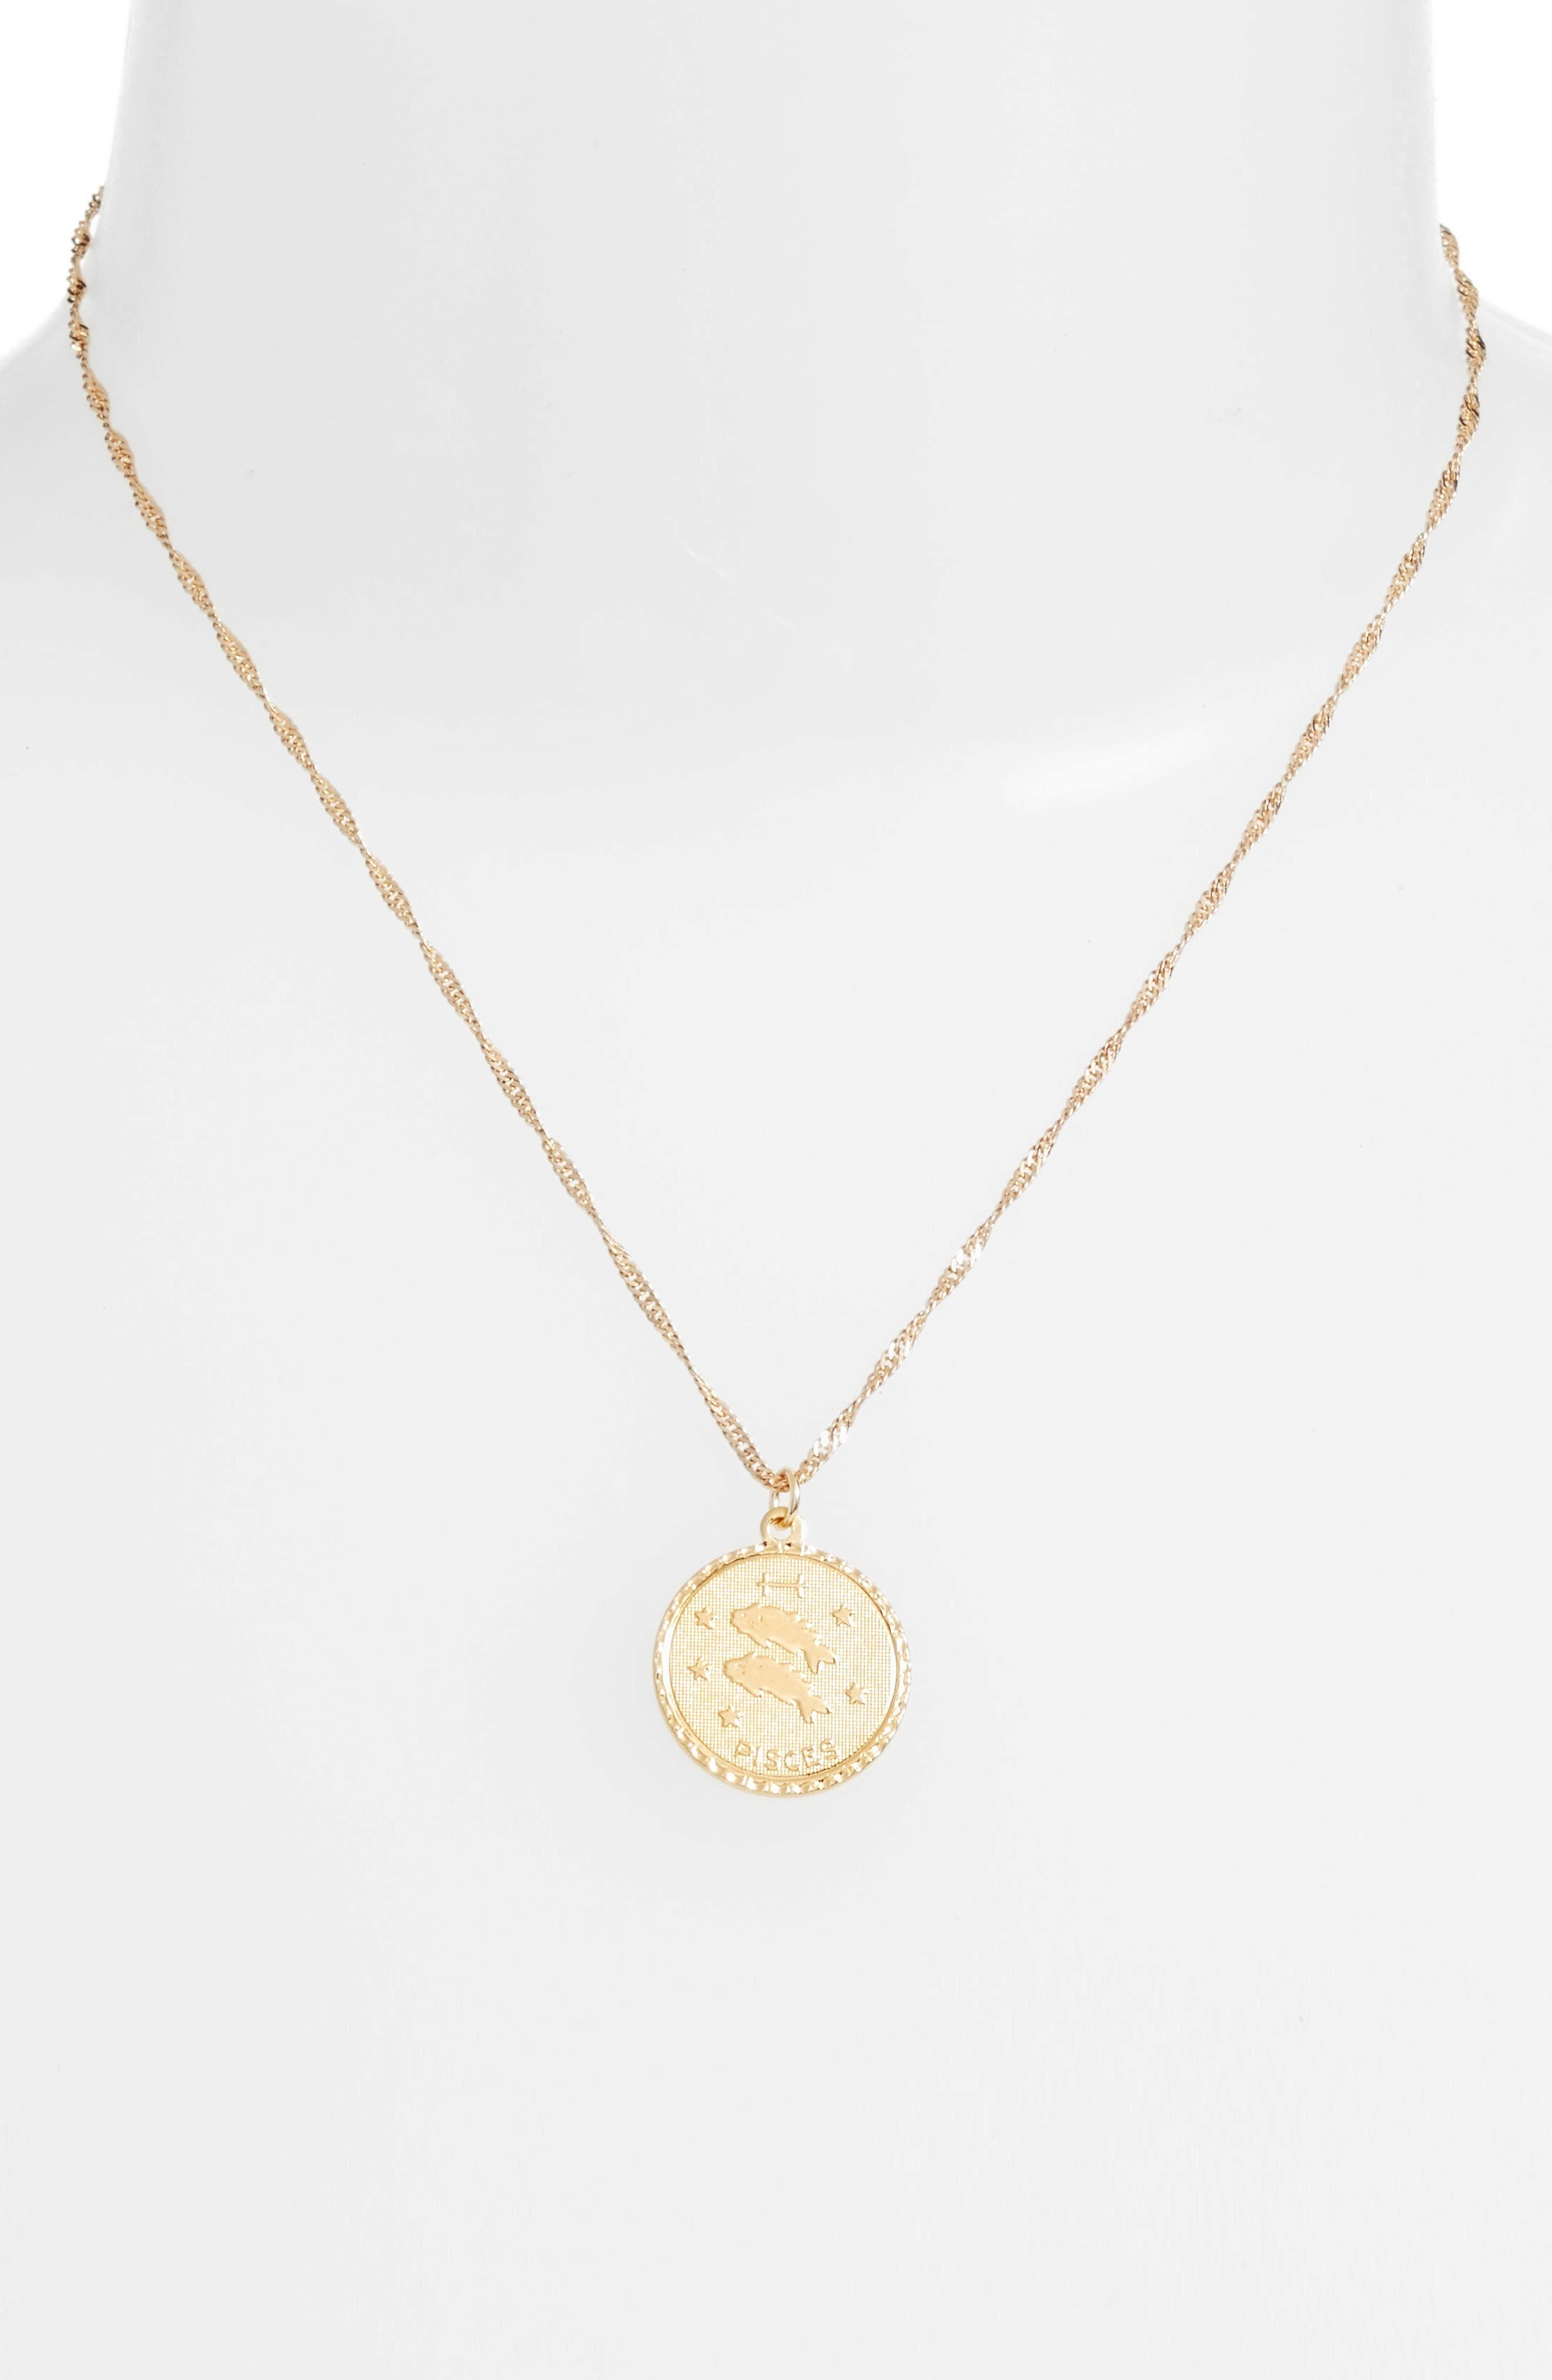 Ascending Pisces Pendant Necklace,                             Alternate thumbnail 2, color,                             Yellow Gold